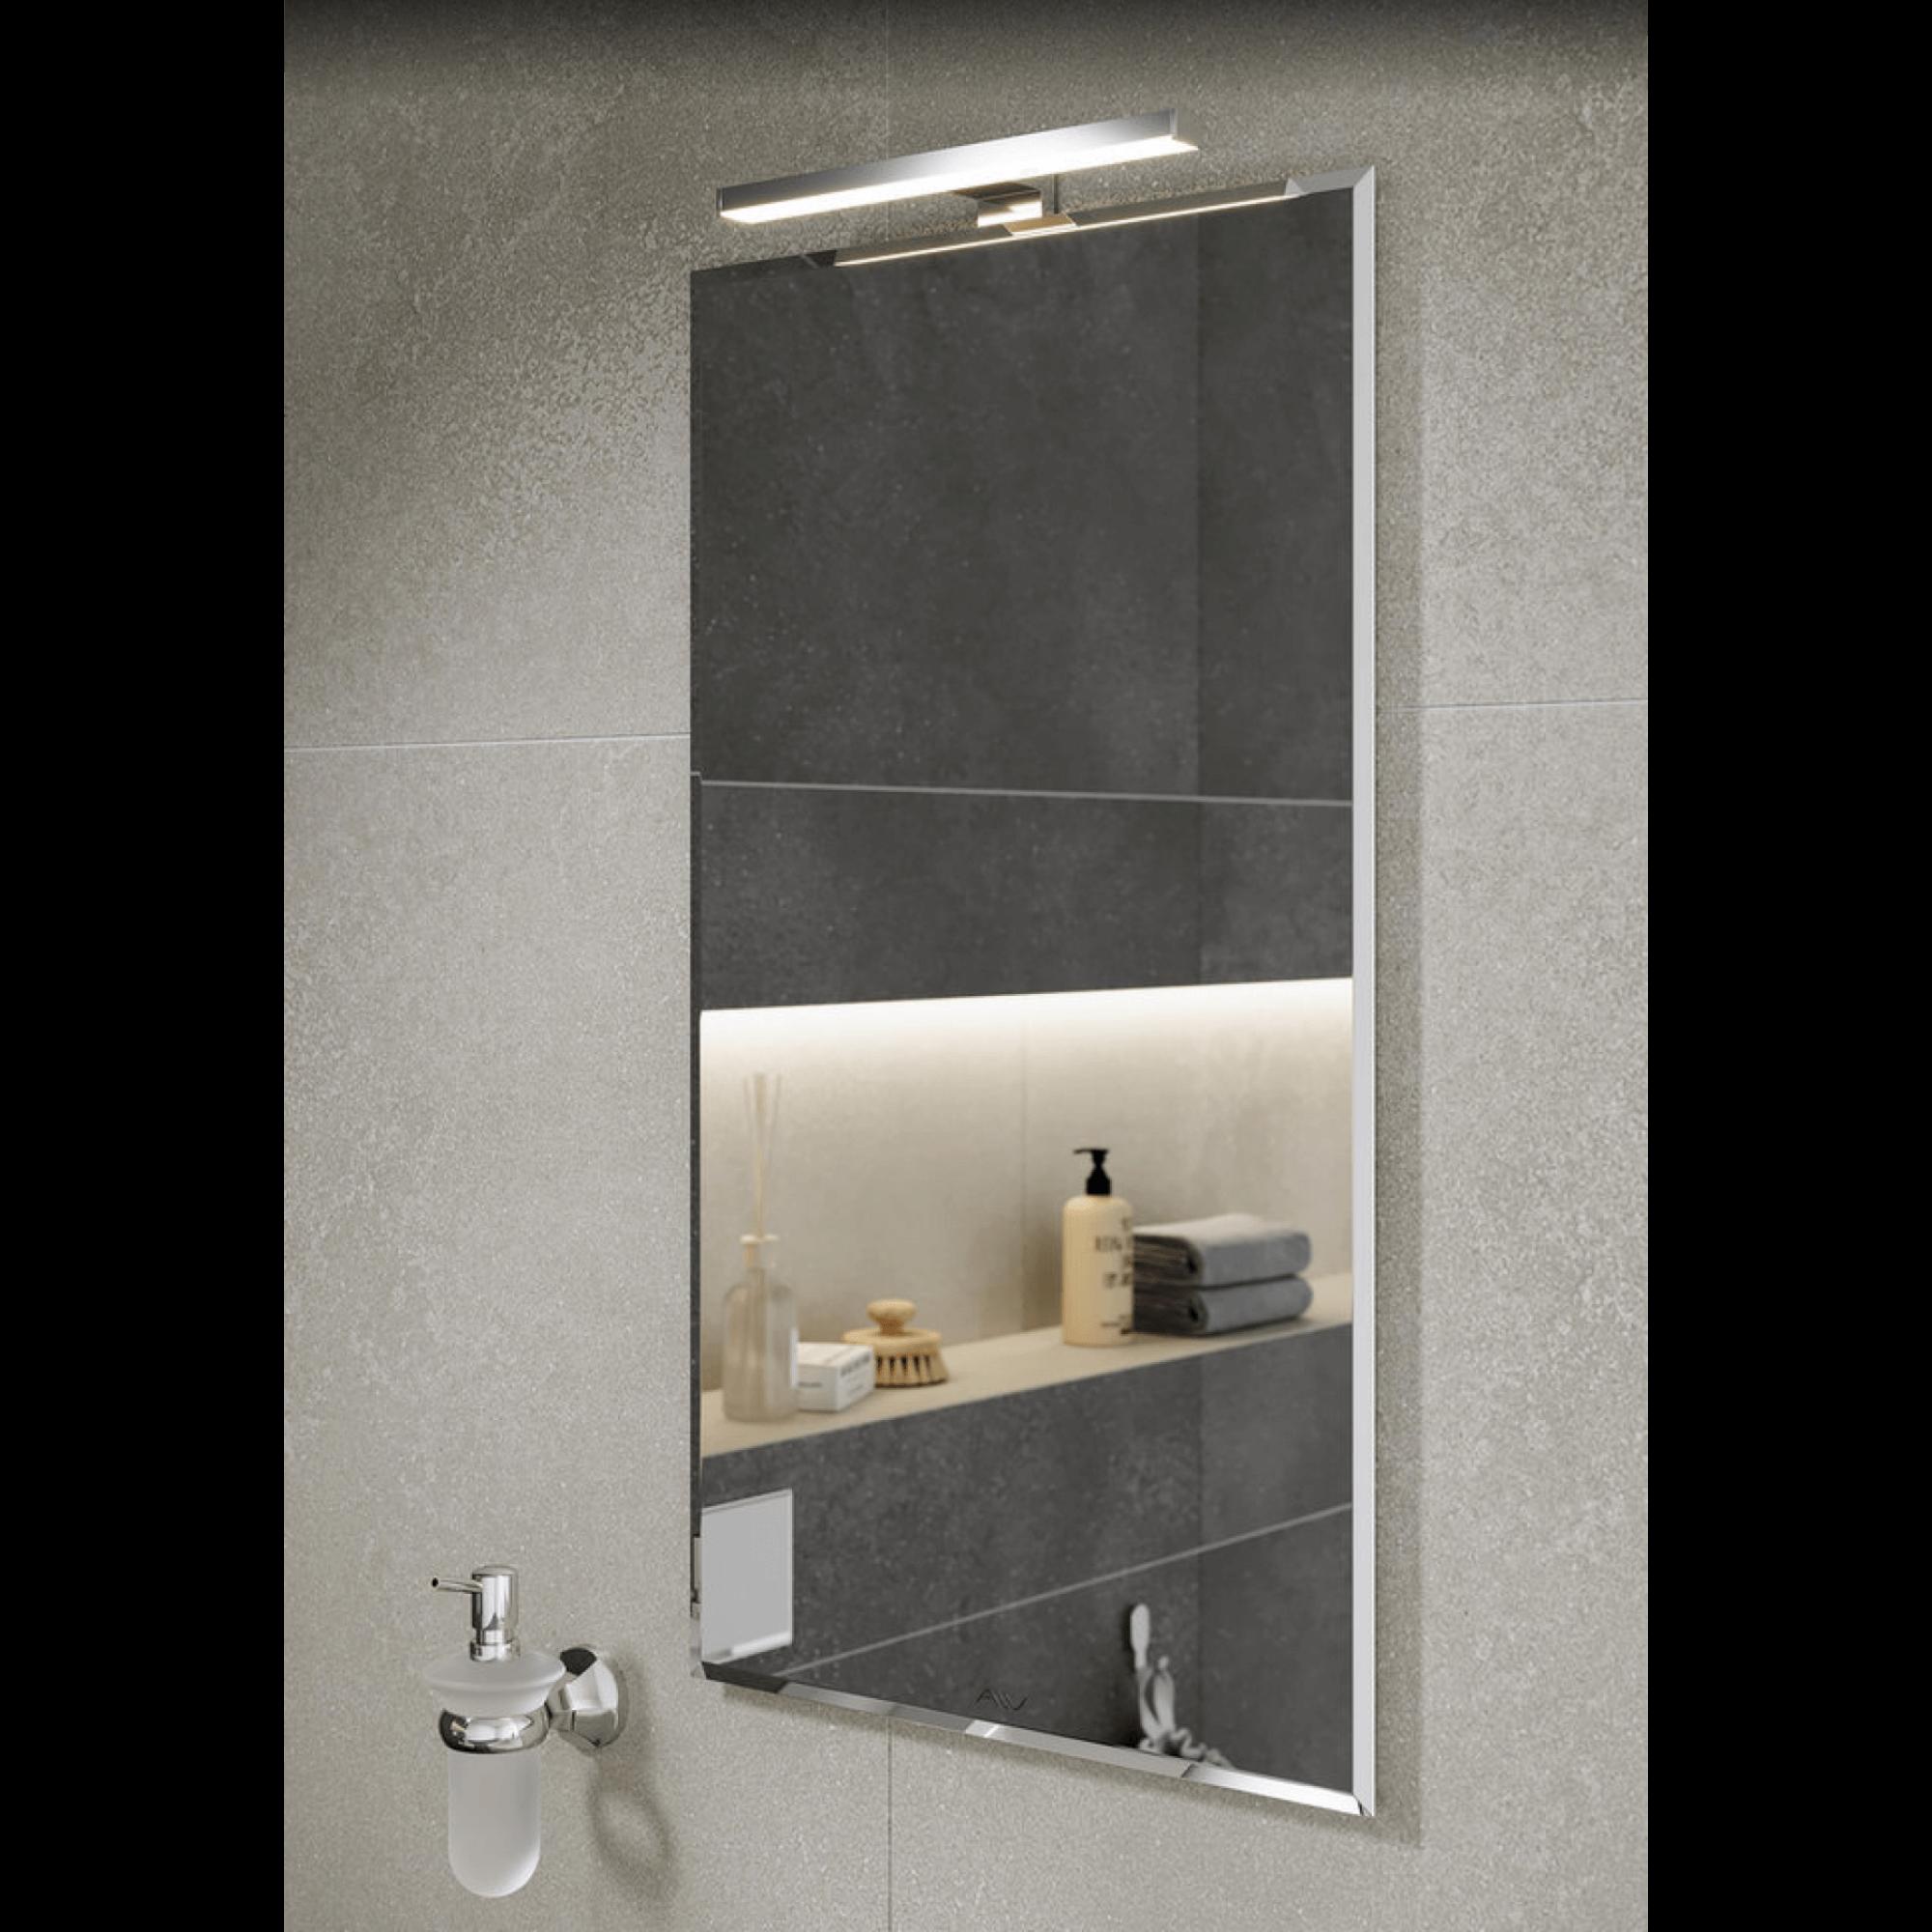 Зеркало Azzoro 60 +3 600 руб.